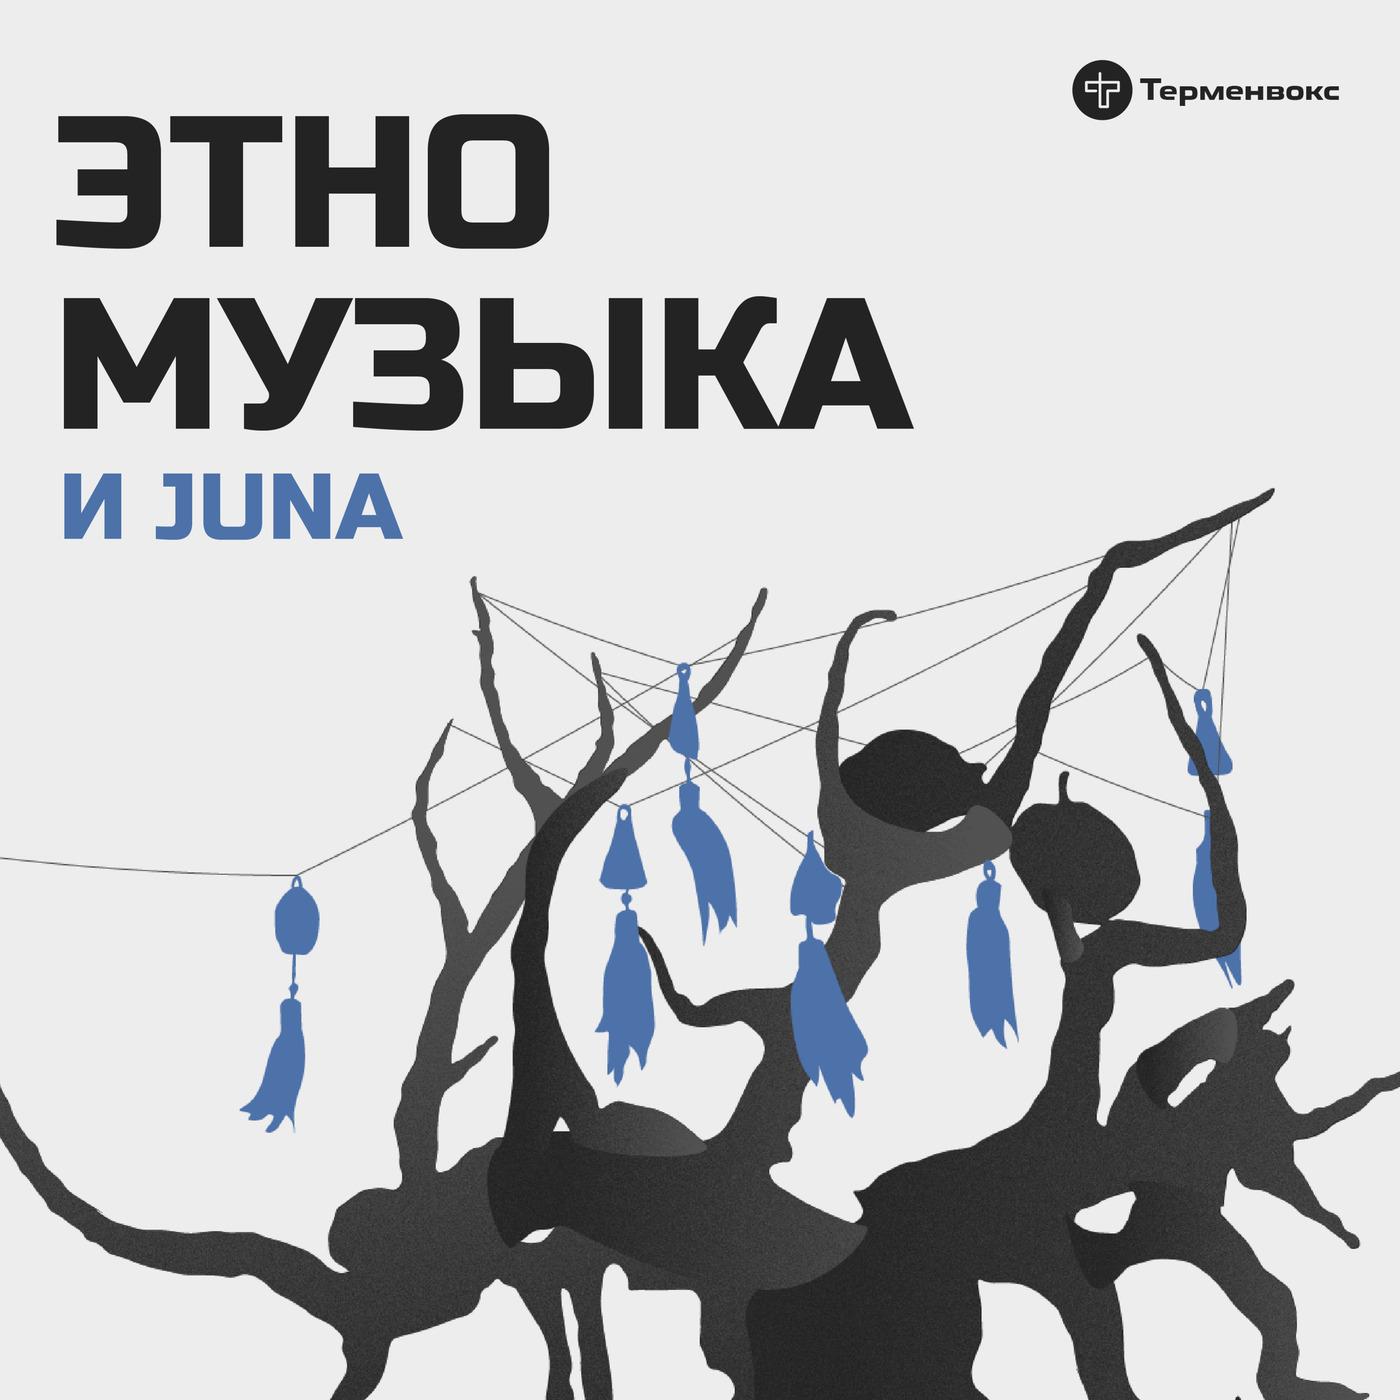 Этномузыка: Группа Juna: «Выезжать на национальной идентичности — пошло»